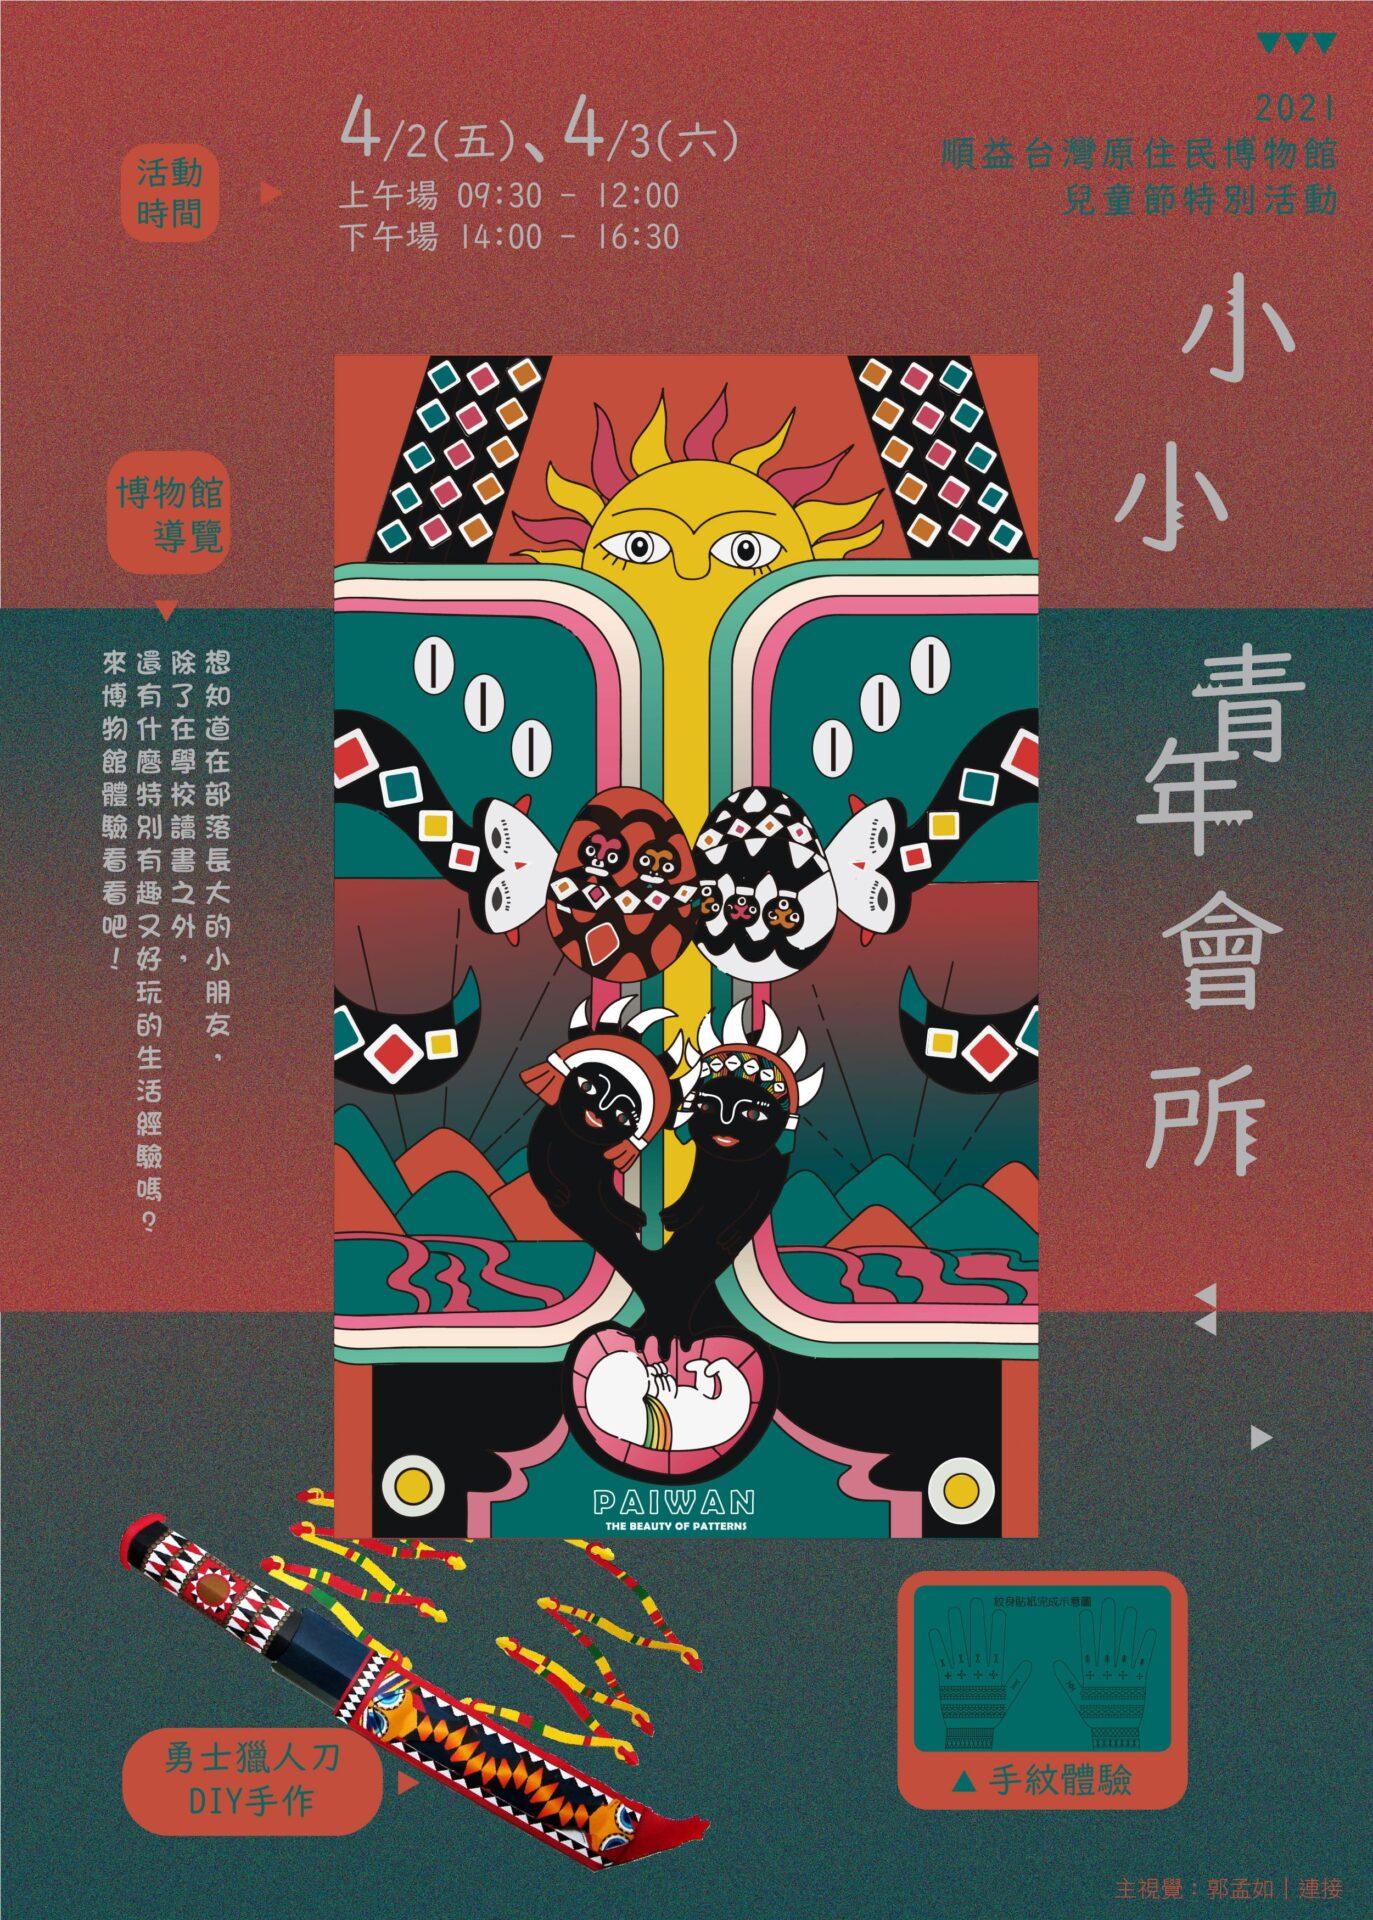 順益台灣原住民博物館:2021/4/2-4/3【小小青年會所】(兒童節特別活動)